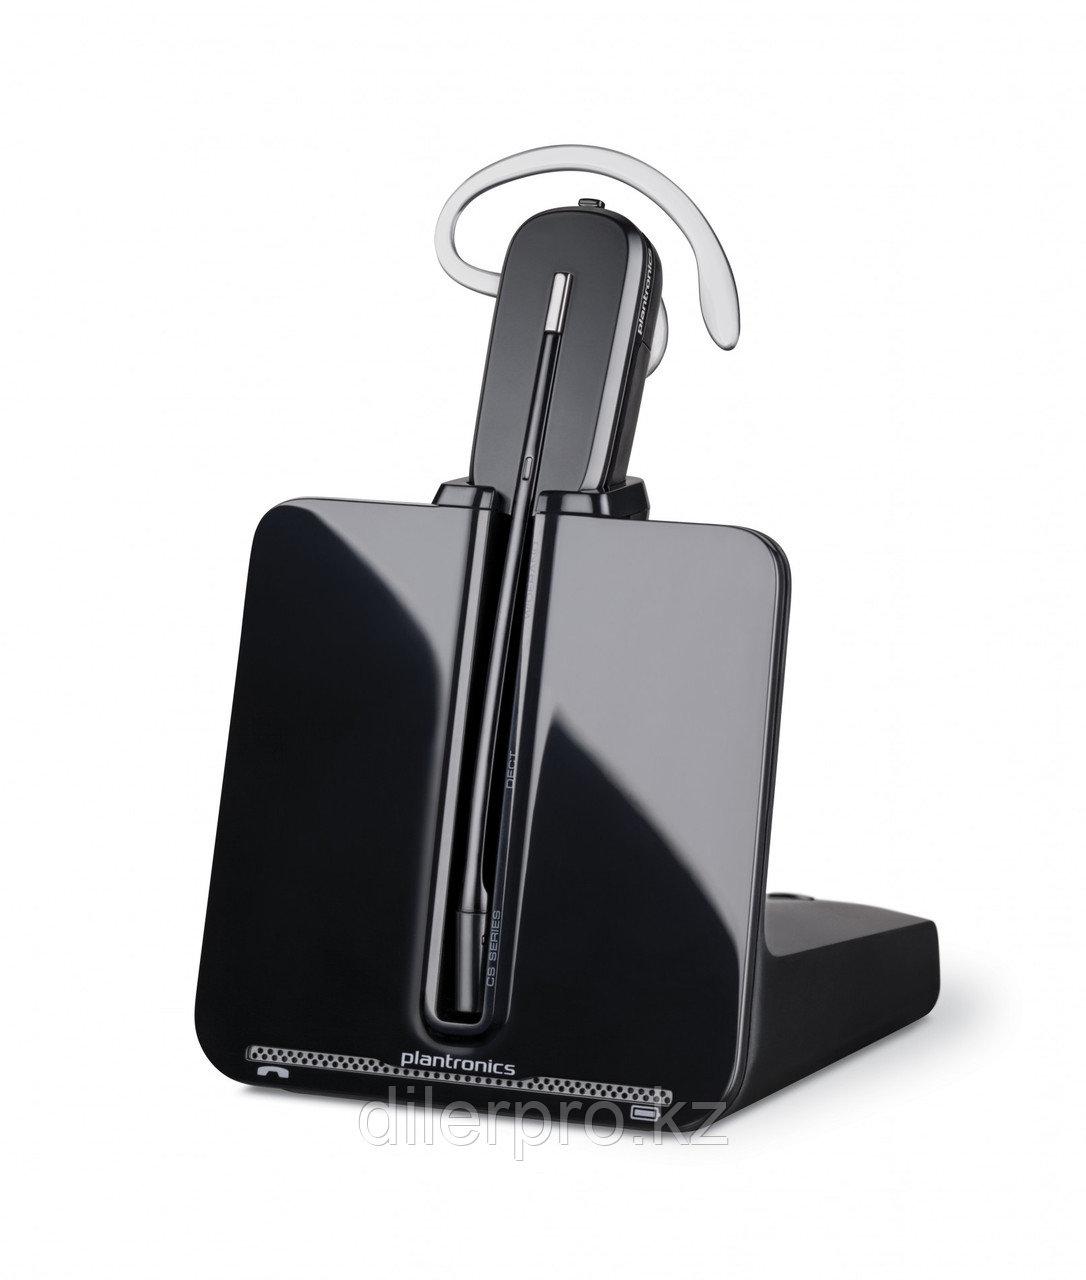 Plantronics CS540 (Convertible) — беспроводное (DECT) решение для стационарного телефона